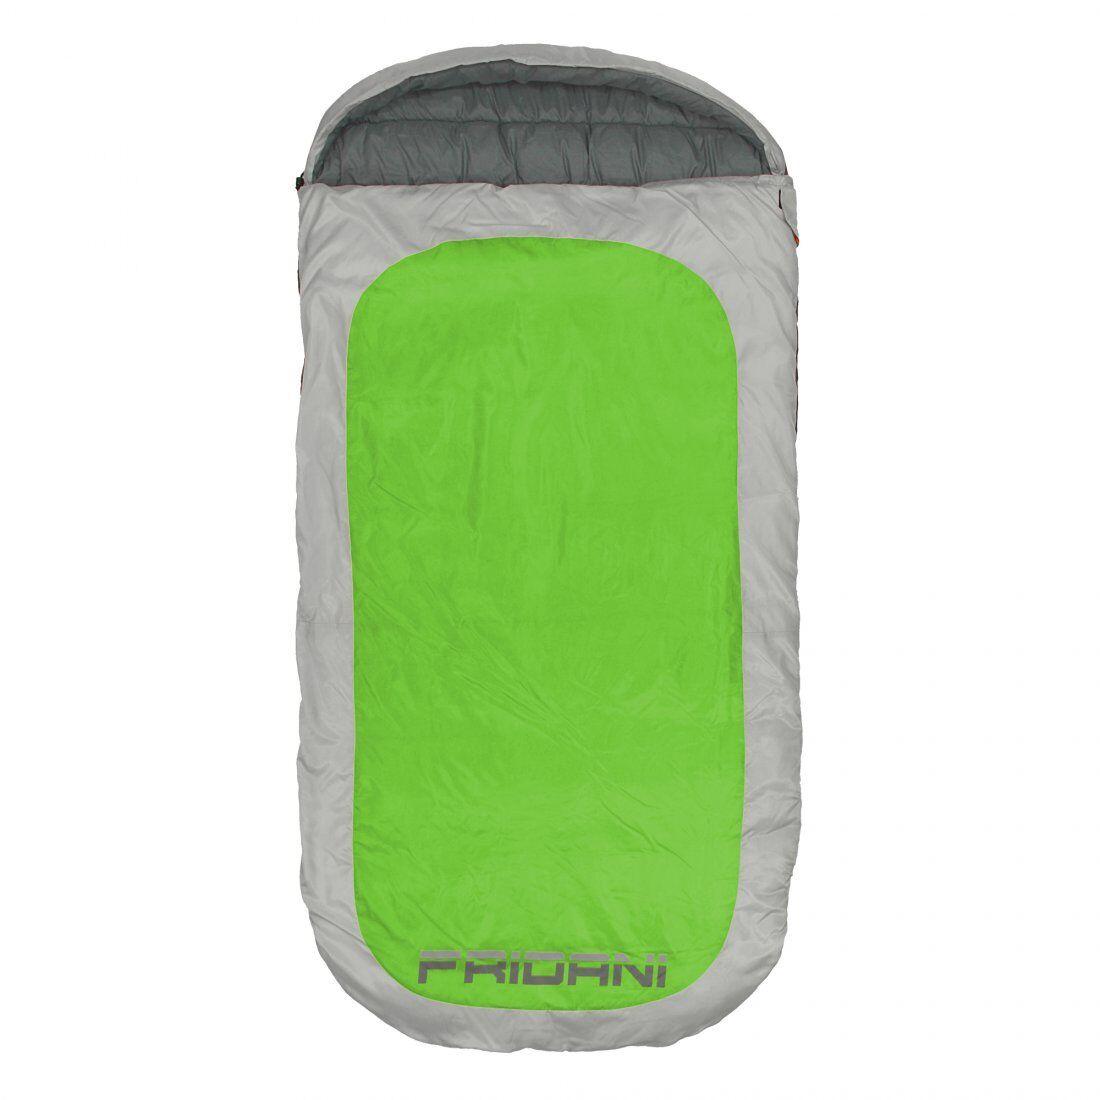 Fridani PG 220S XXL Camping Schlafsack -18°C Ei Deckenschlafsack 220x110cm 2400g